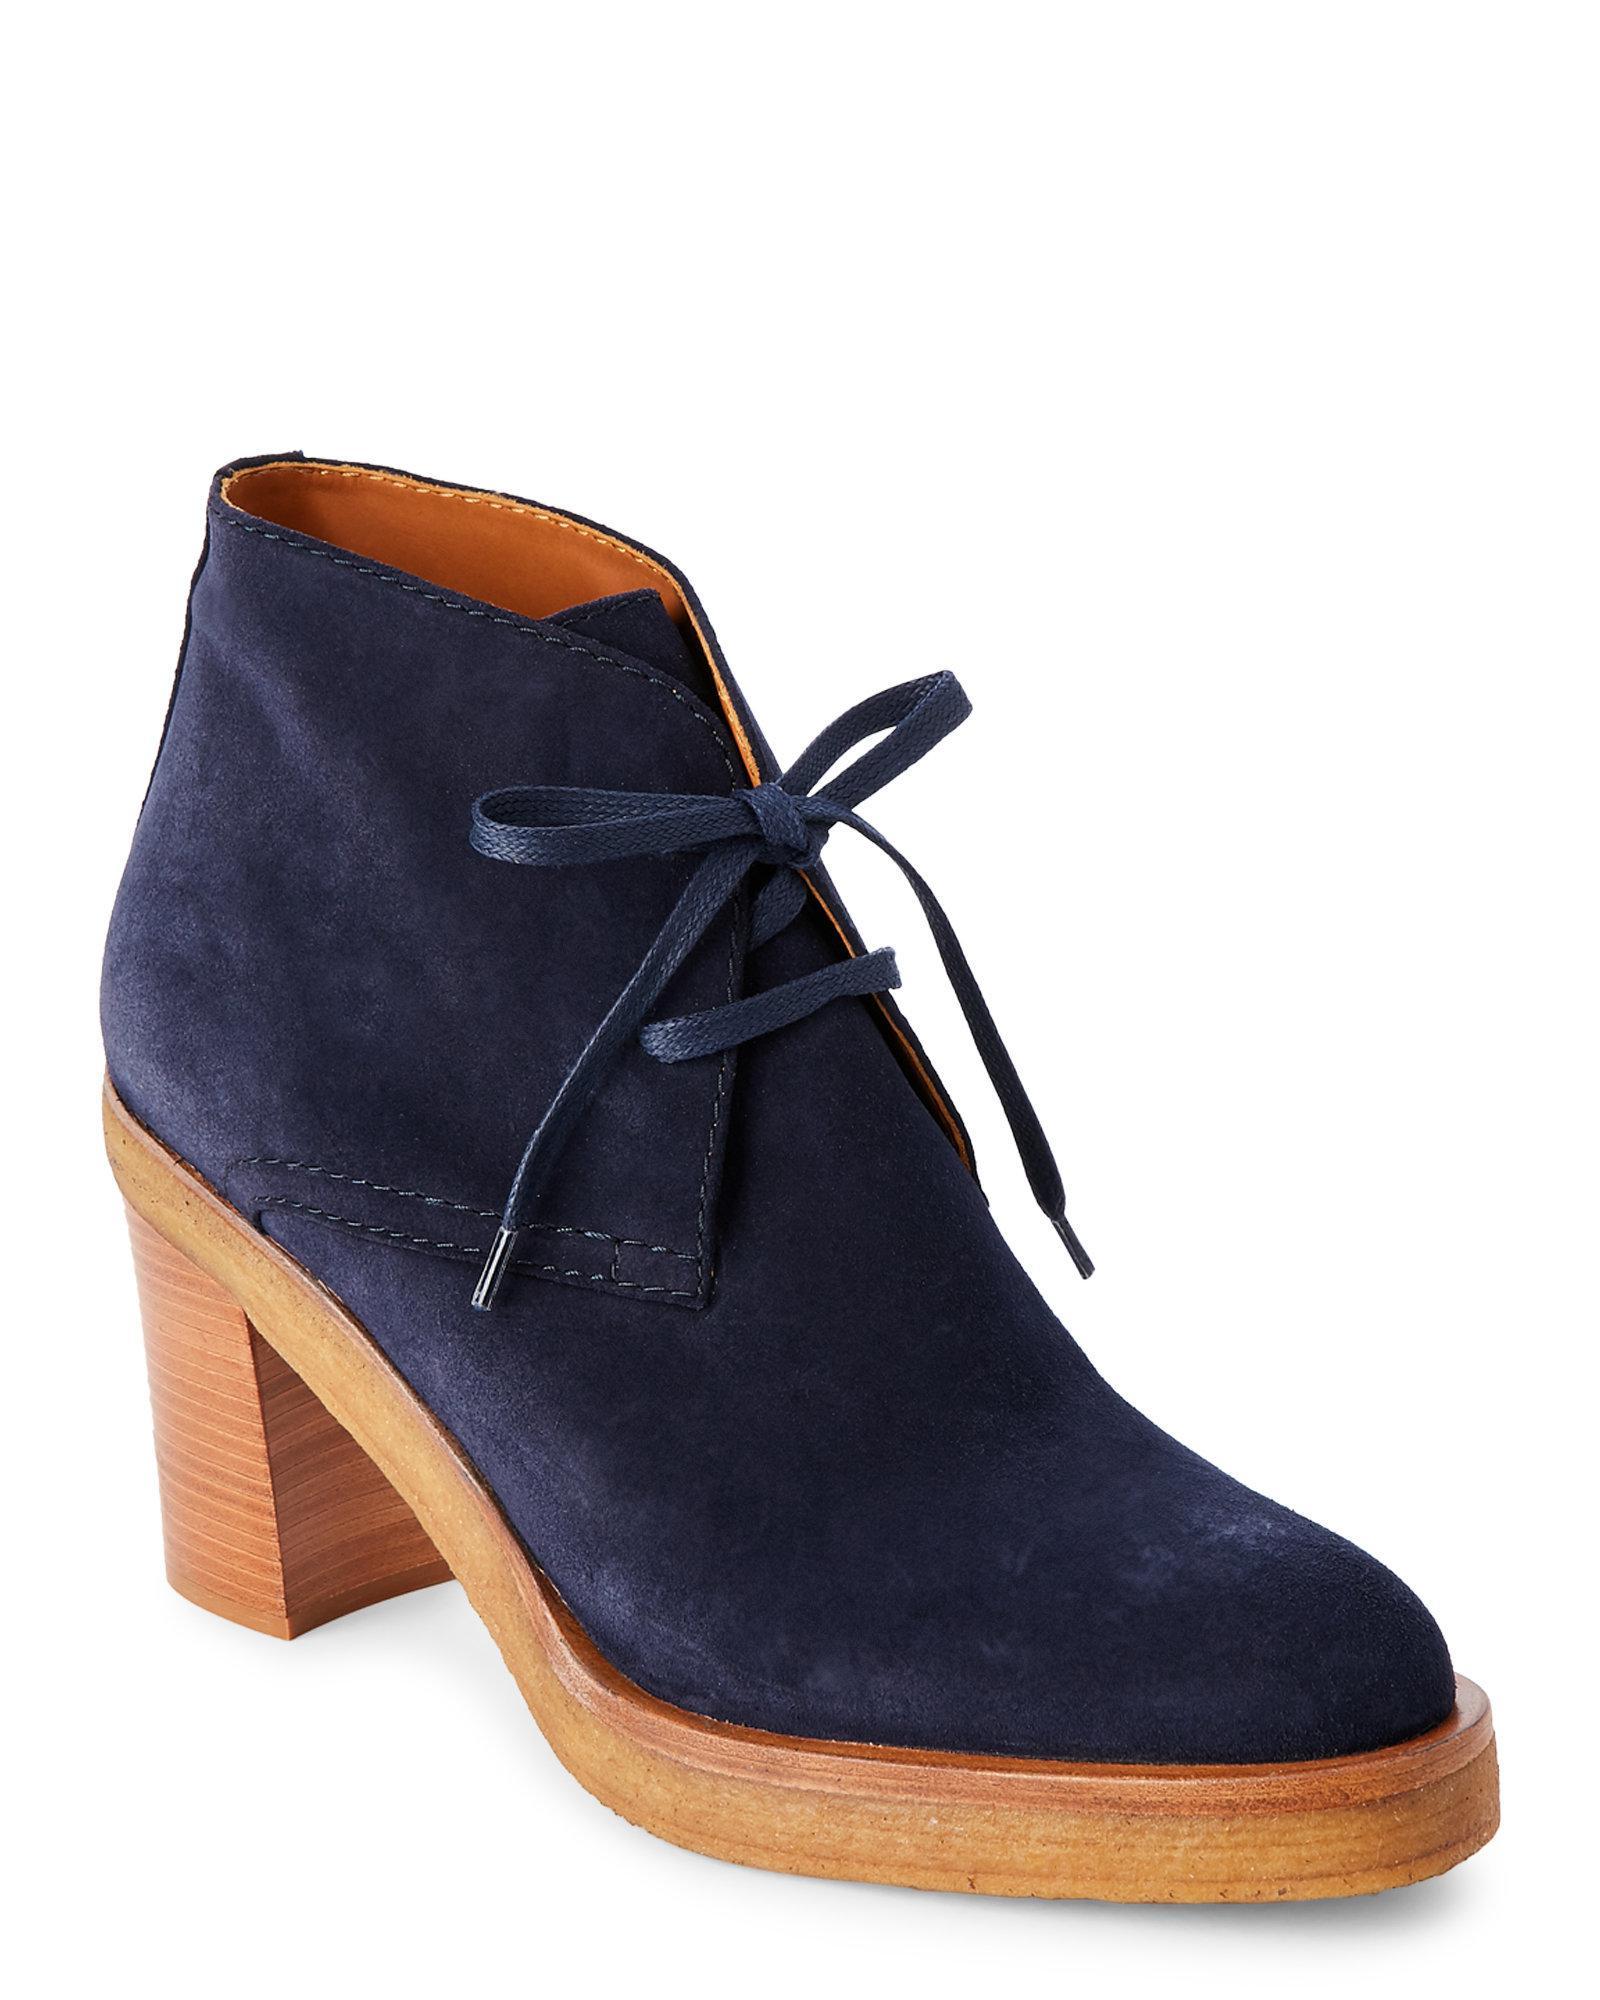 Veronique Branquinho Lace Up Boots